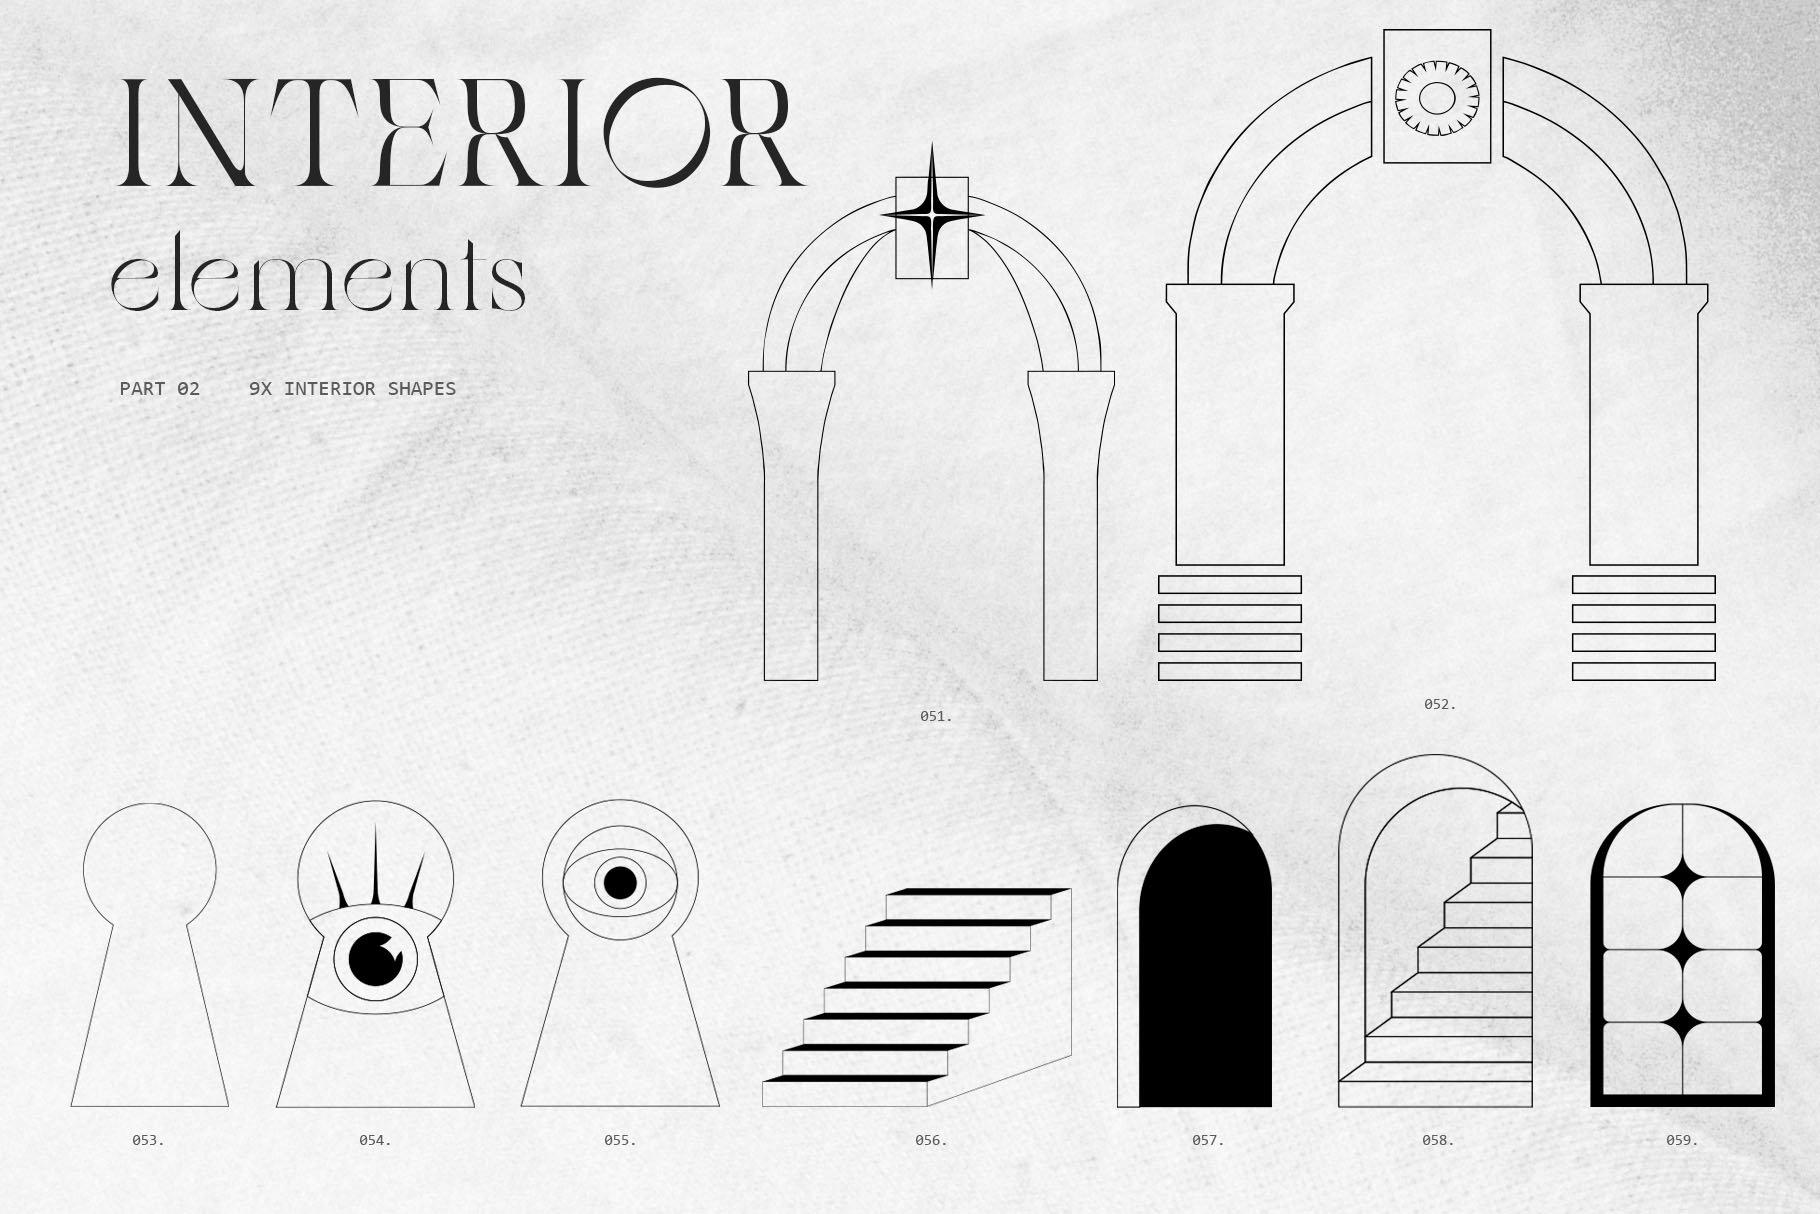 [淘宝购买] 潮流抽象几何形状渐变背景粗糙纹理海报背景设计素材套装 Inartflow – Shapes And Textures插图3